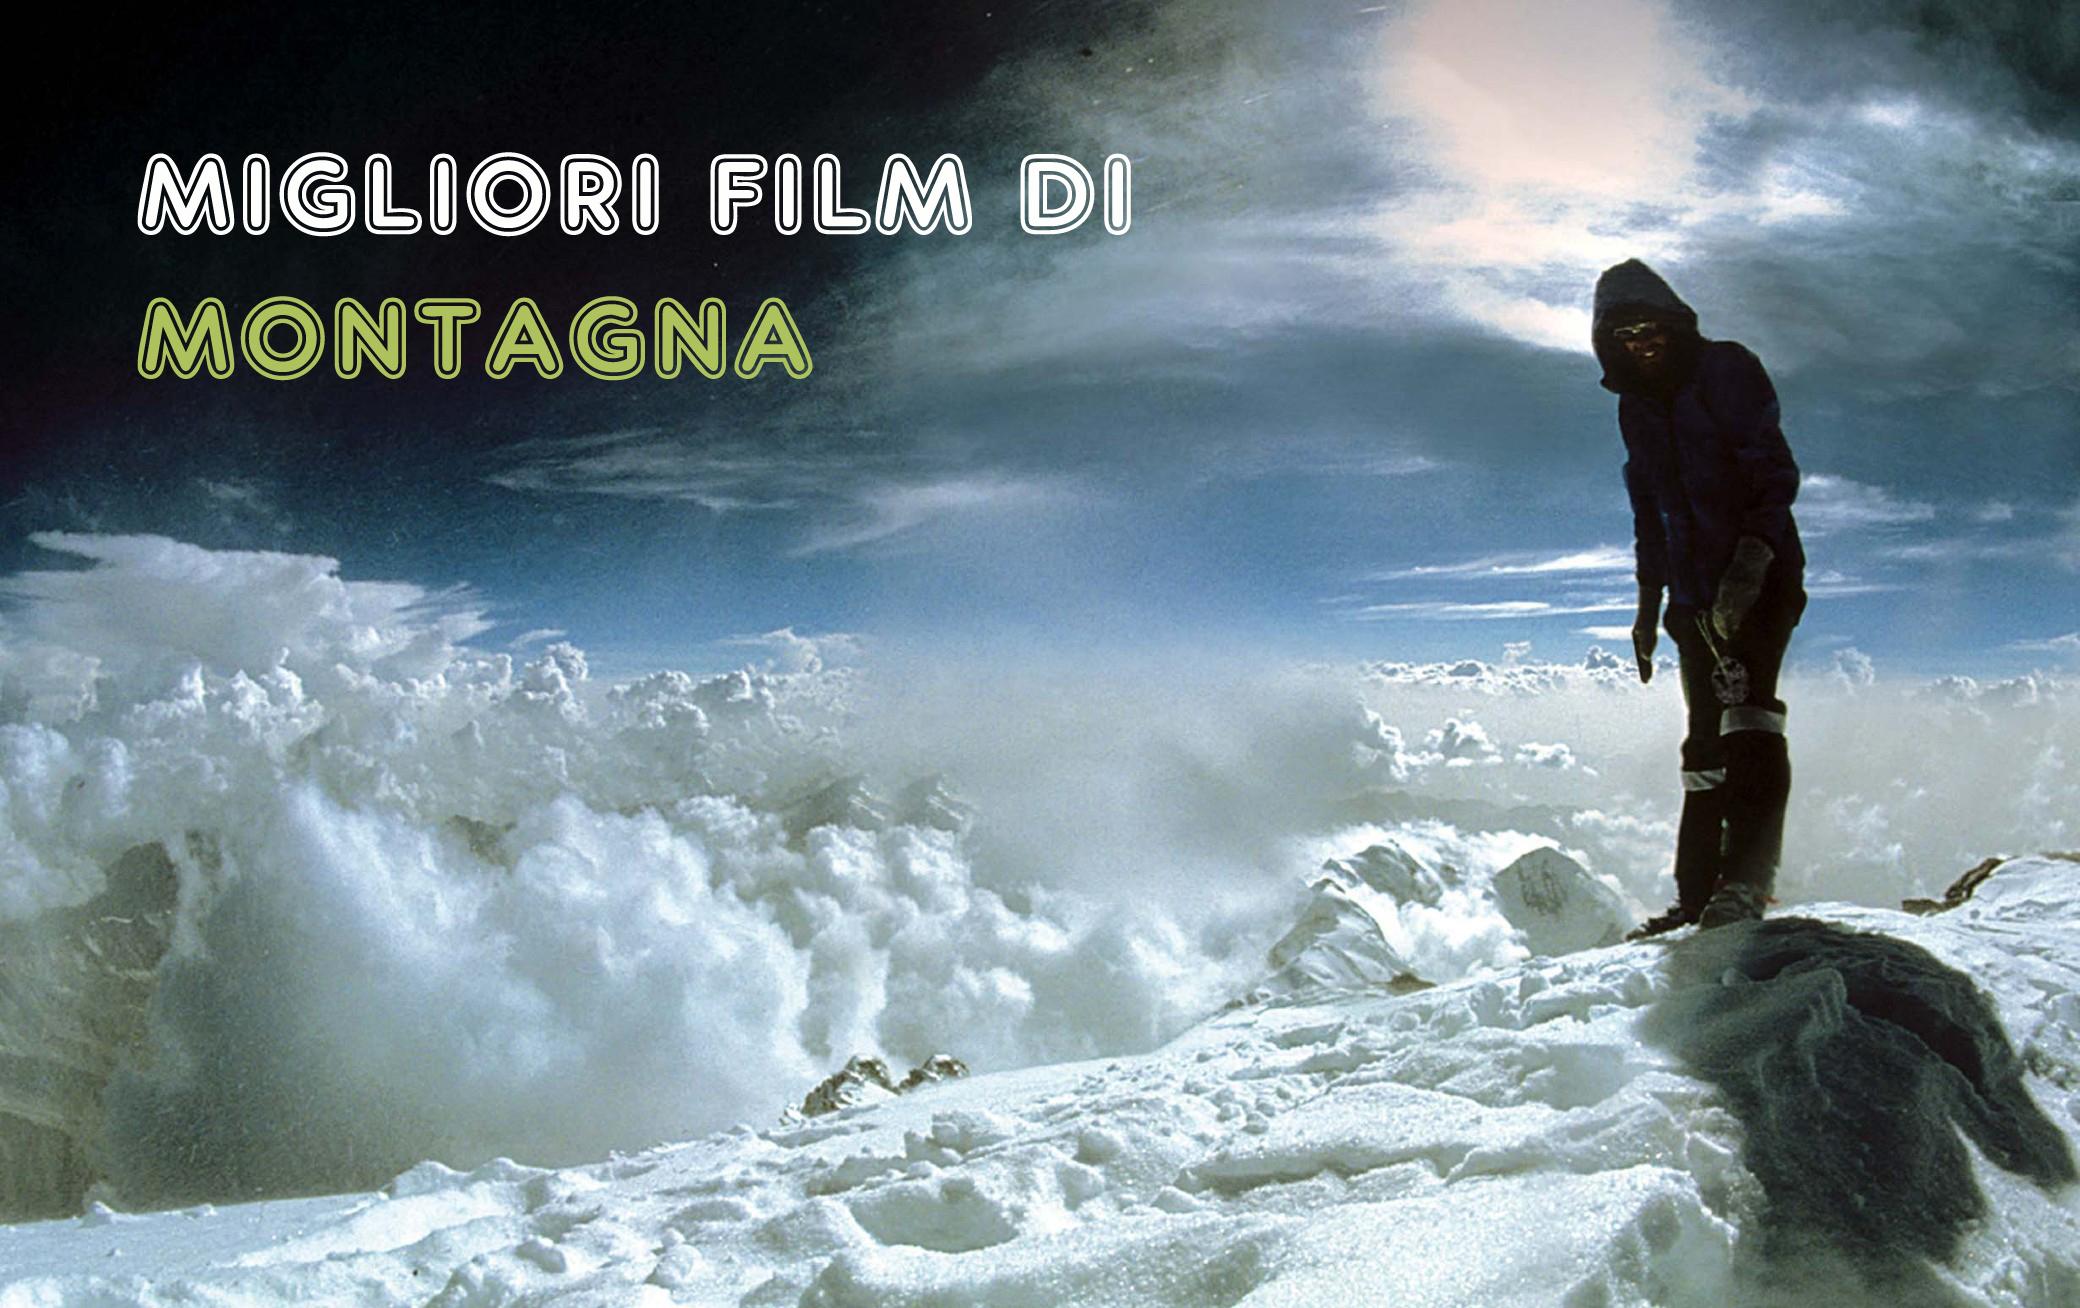 I migliori Film di montagna1 min read